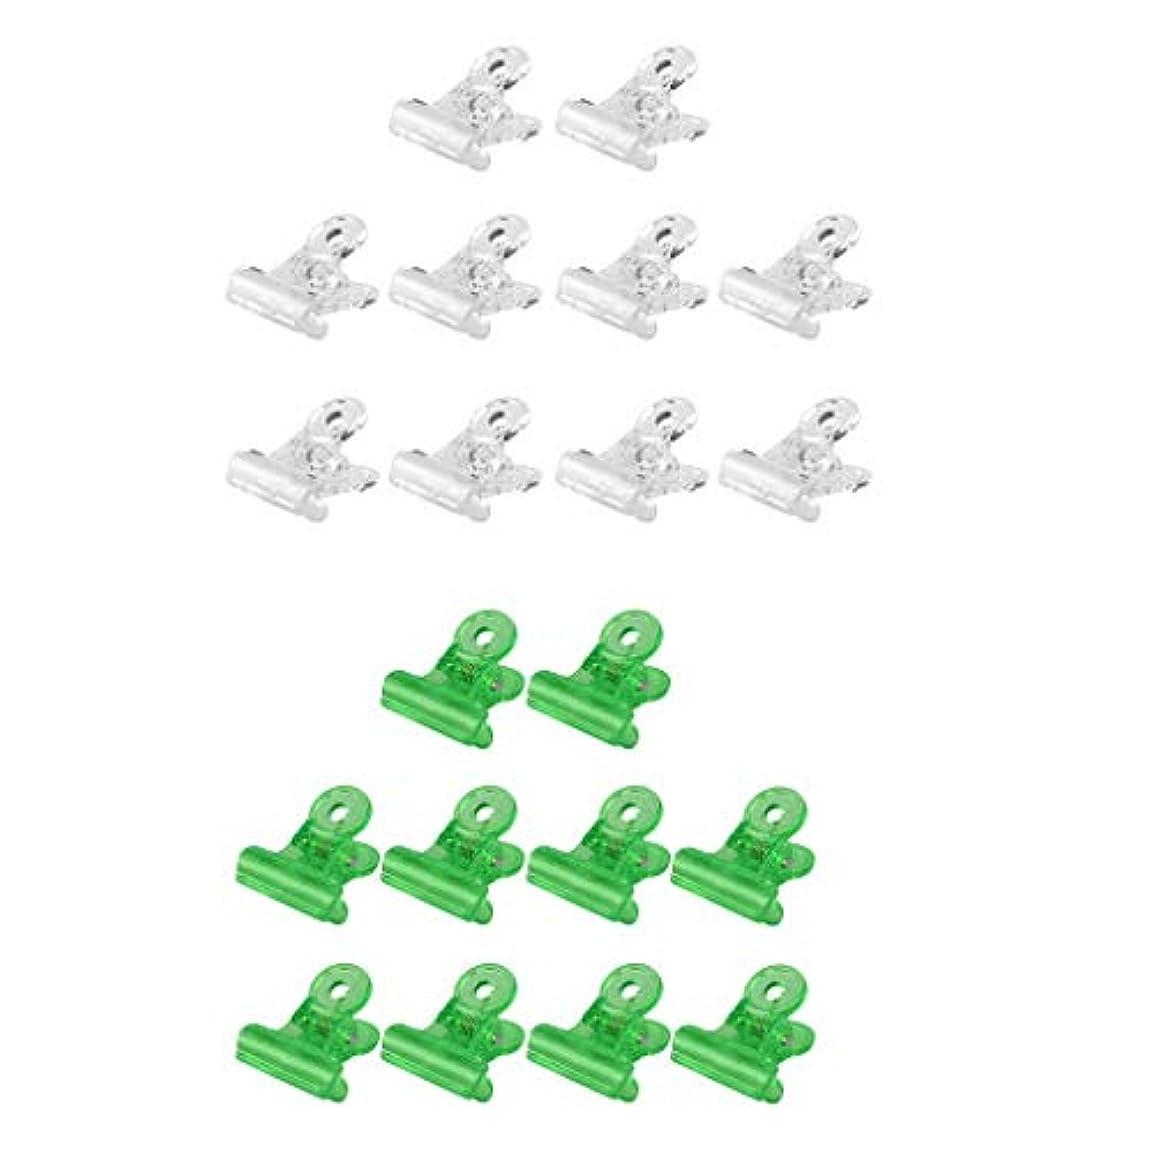 仮装各アシスタントPerfeclan ネイルクリップ オフ ジェルネイルポリッシュ クリーナークリップ 再利用可能 20個セット 全3種 - グリーン+クリア